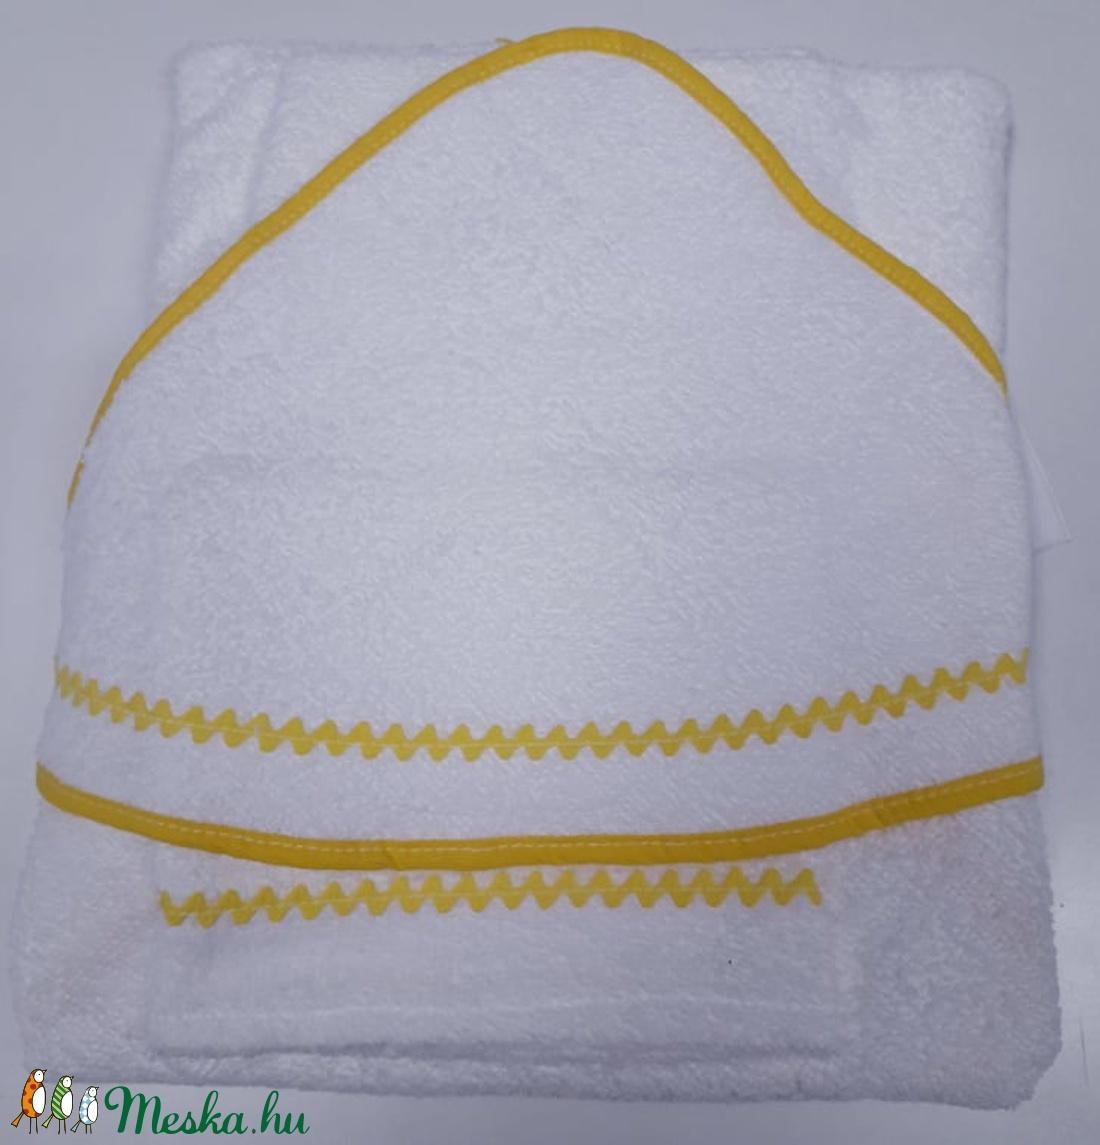 Kapucnis fürdőlepedő+kesztyű, fehér flottir - sárga szegéllyel - 80 x 80 cm  - Meska.hu